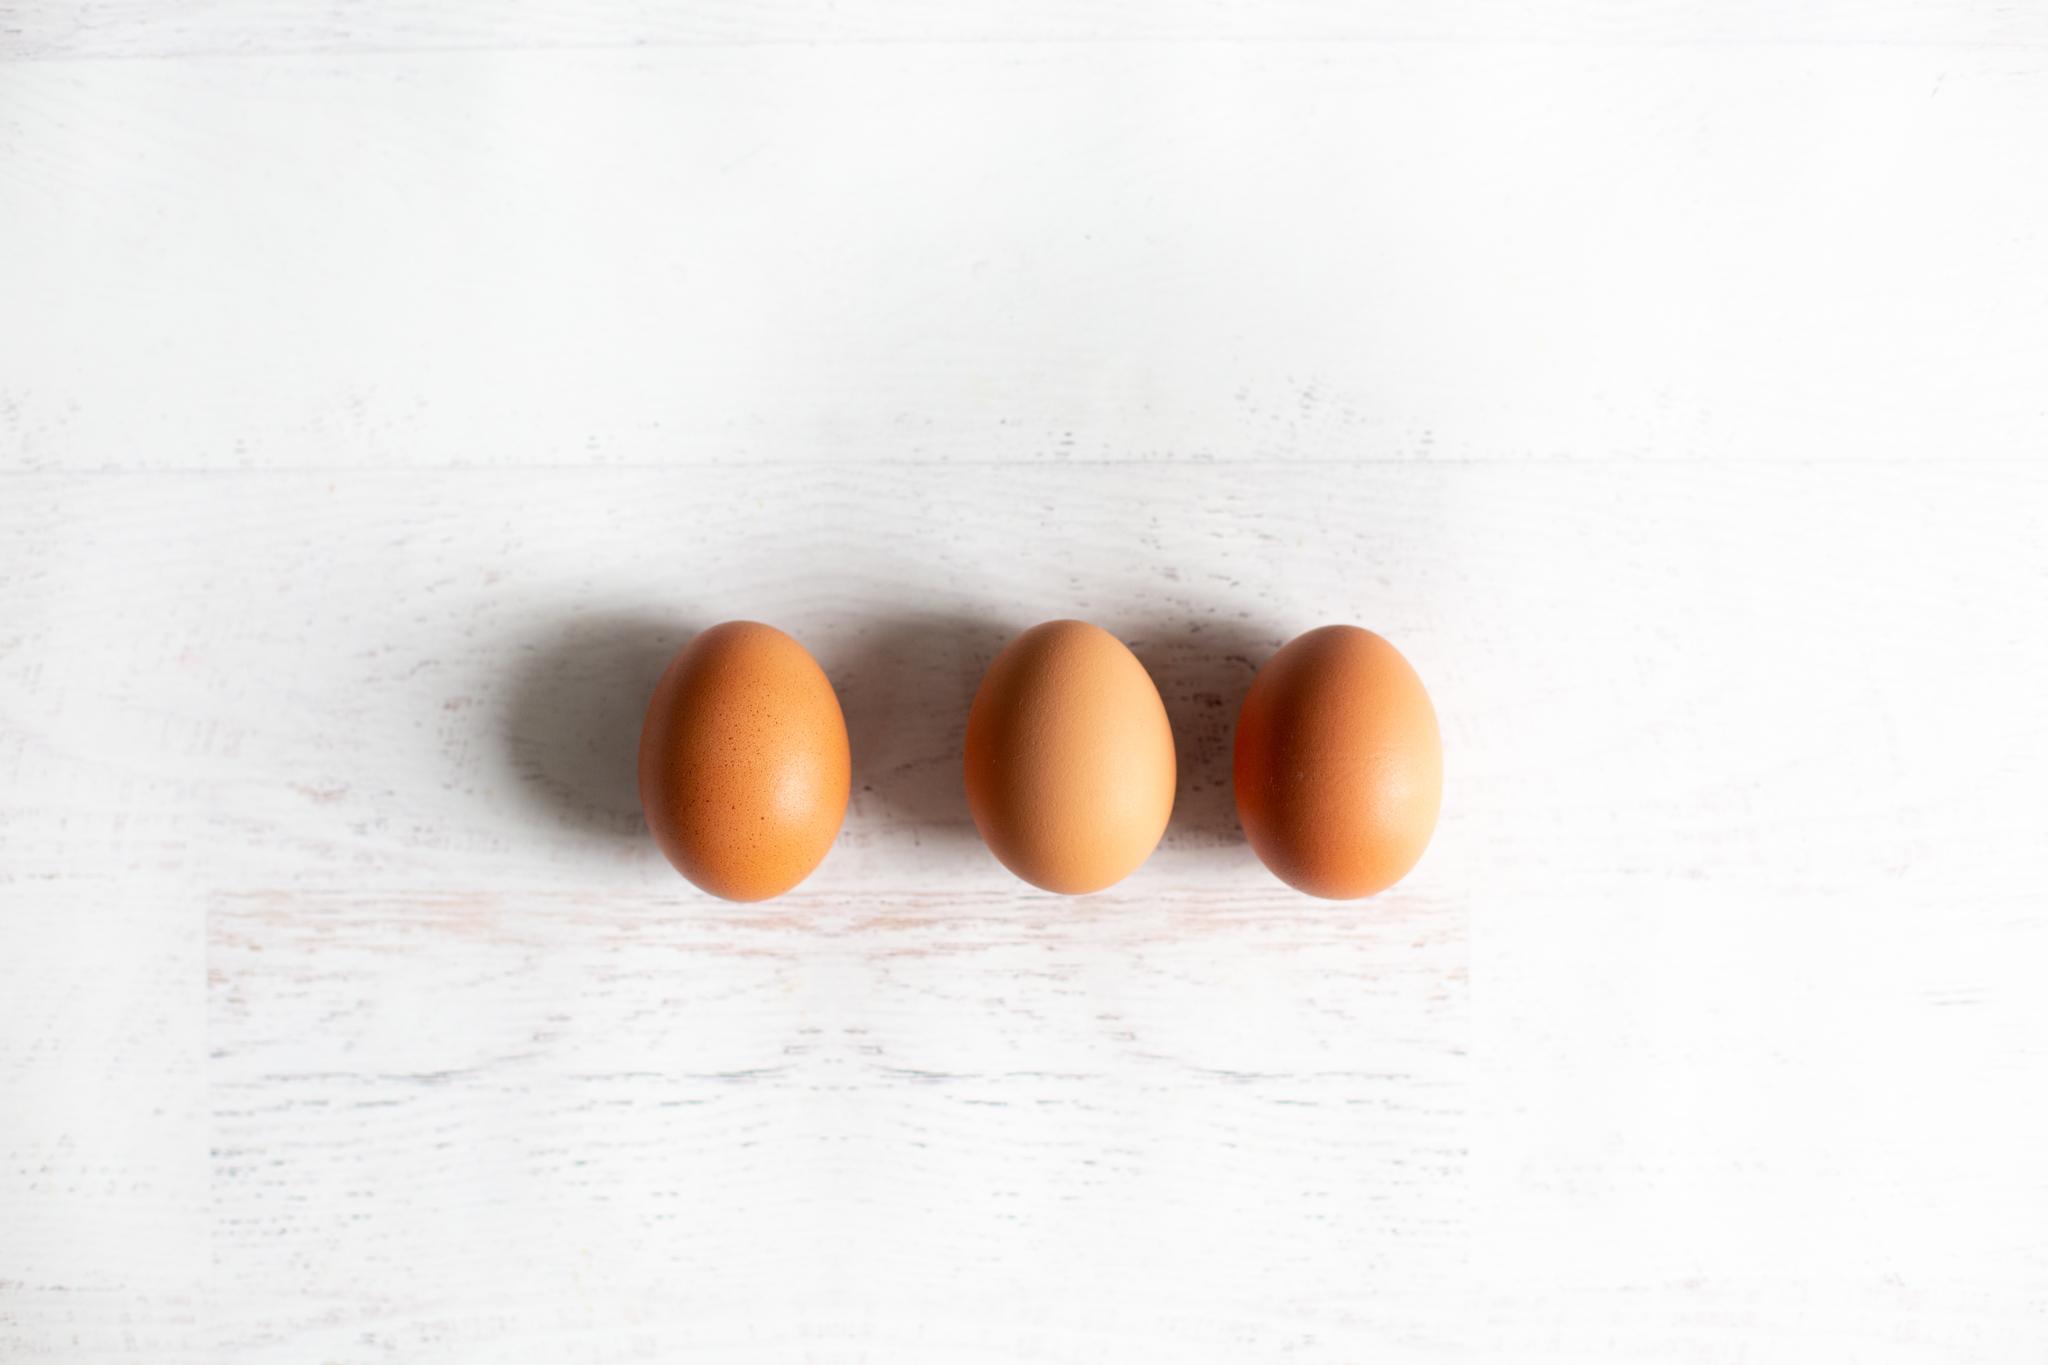 eggs_and_yolks_24.jpg